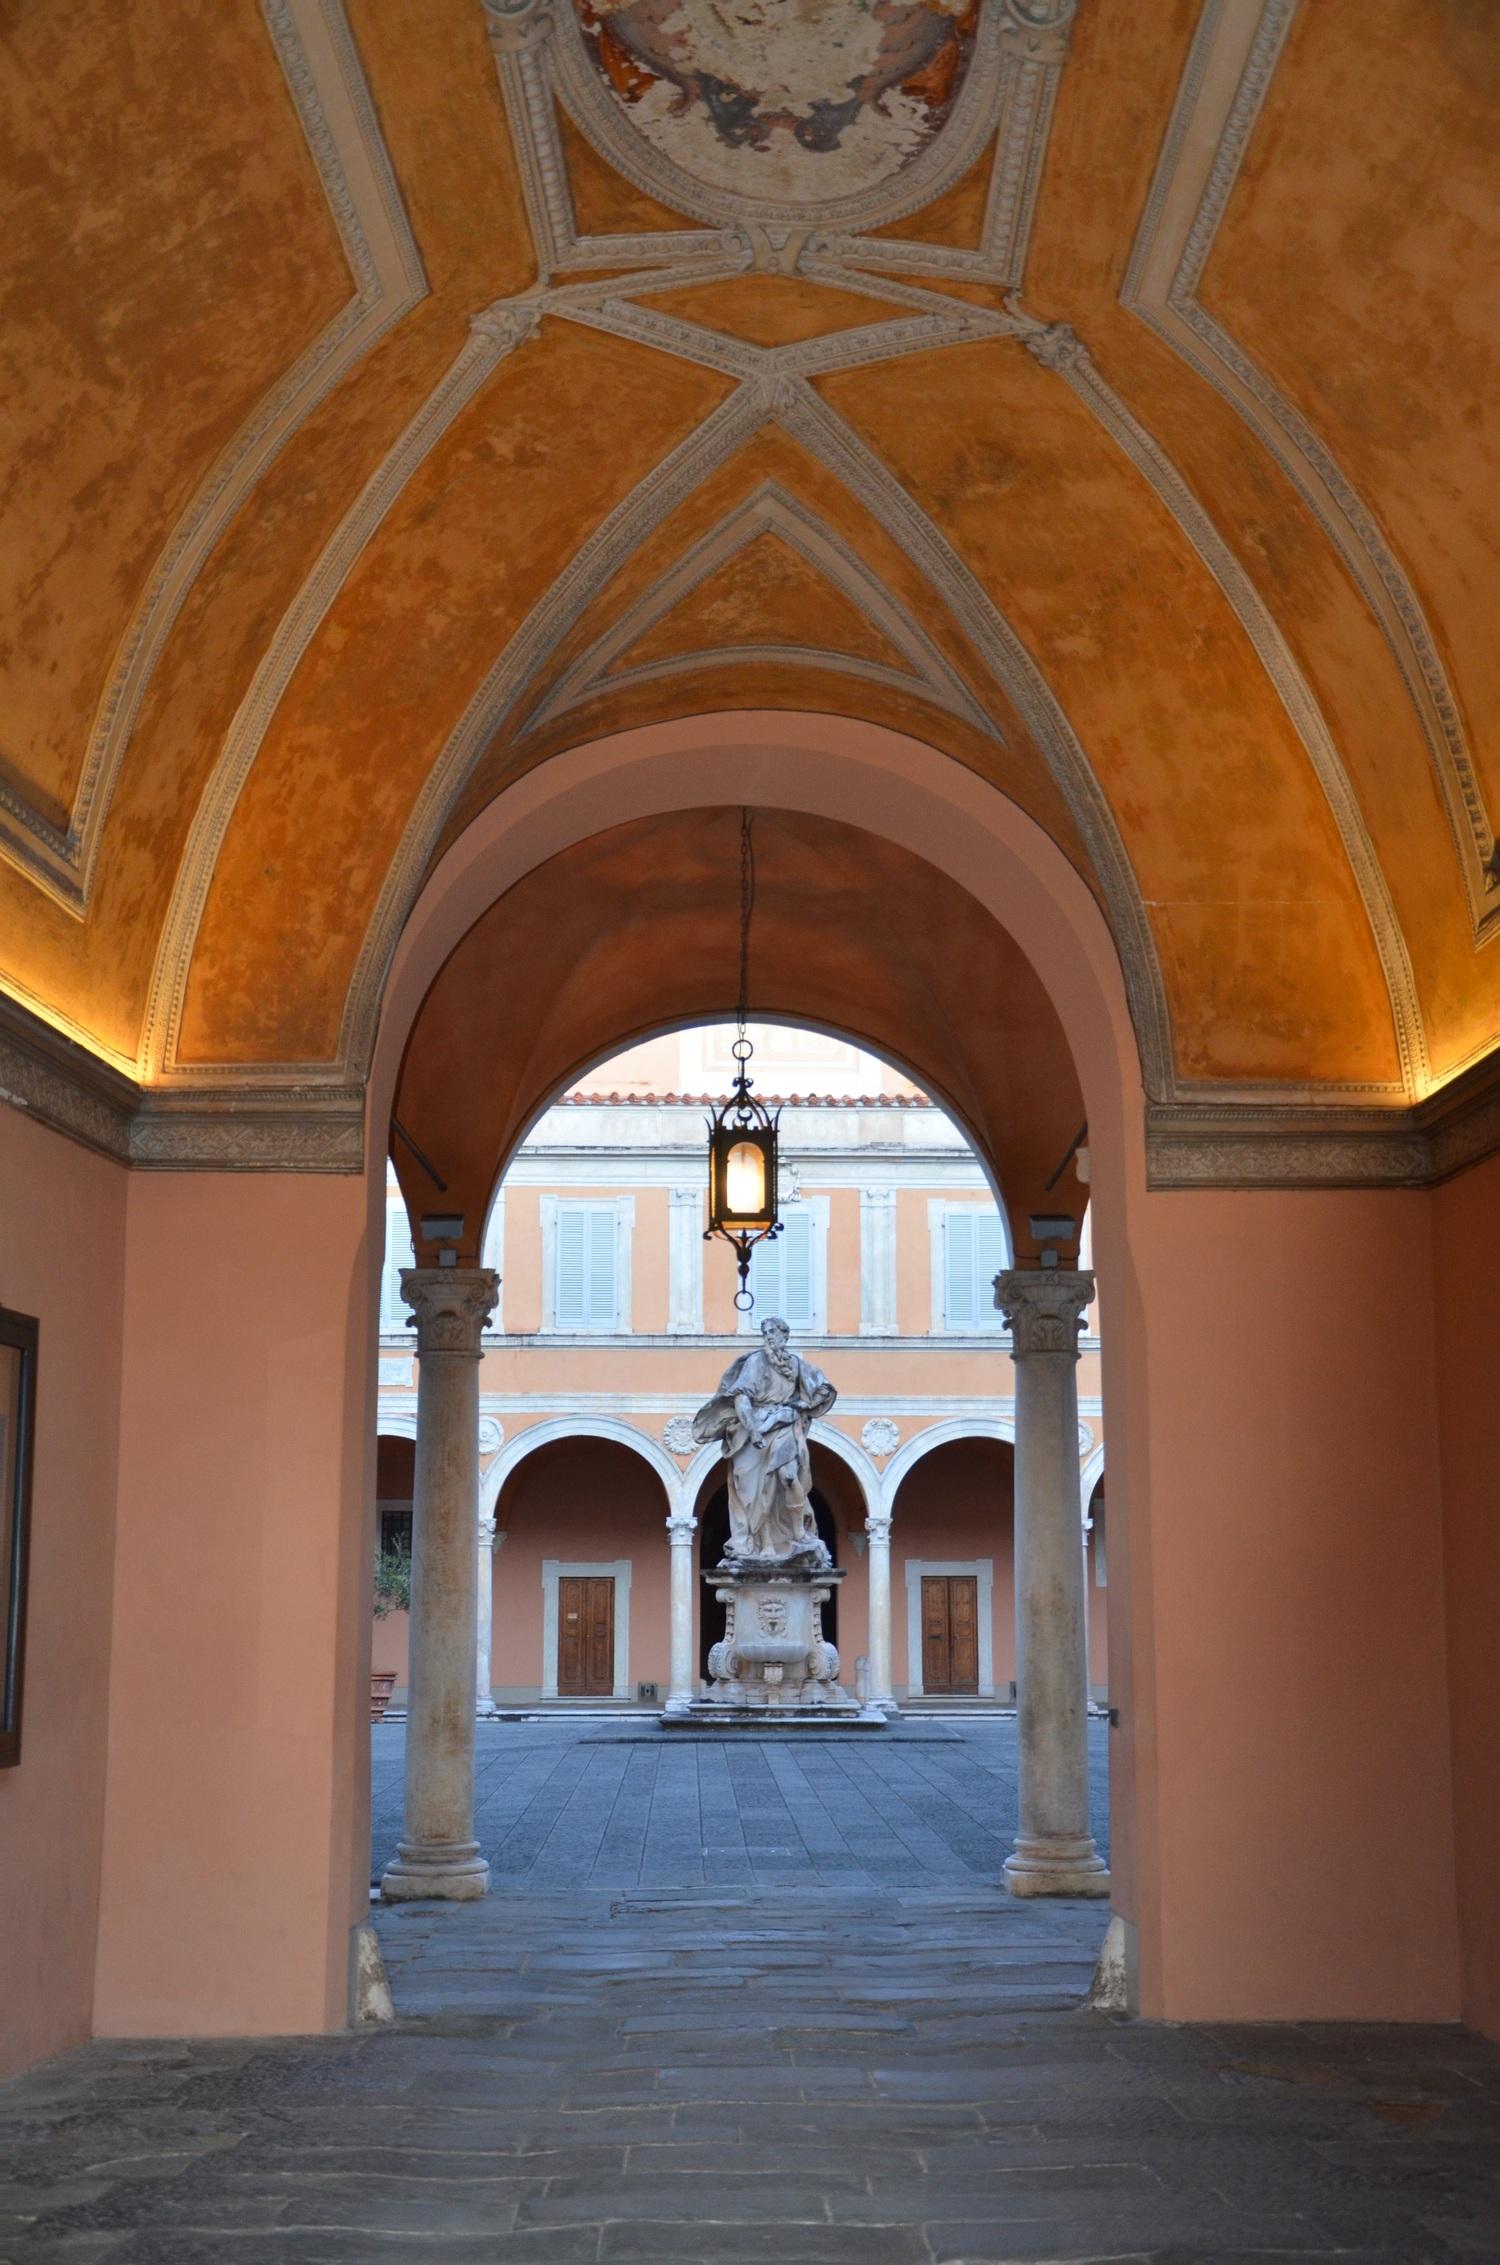 Ingresso palazzo Arcivescovile (L. Corevi, Comune di Pisa)